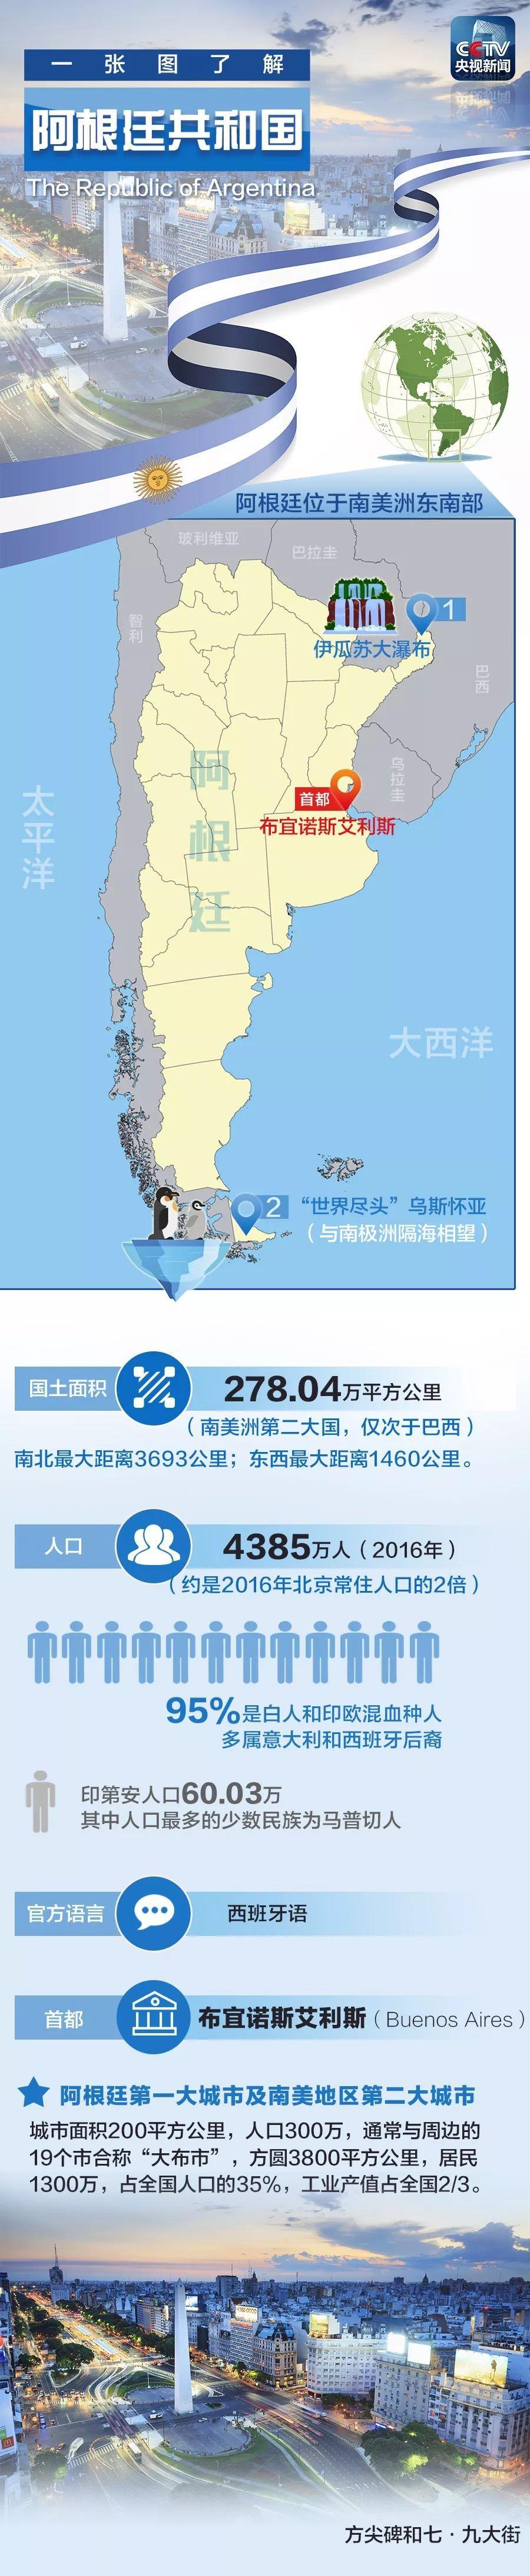 一图走近地球上距离中国最远的地方